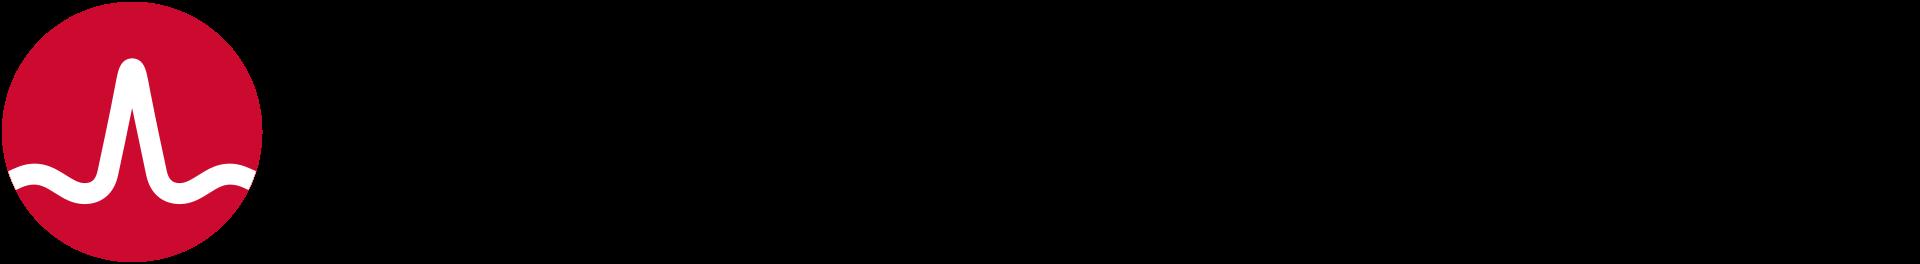 Broadcom Inc. (Avago Tech.)